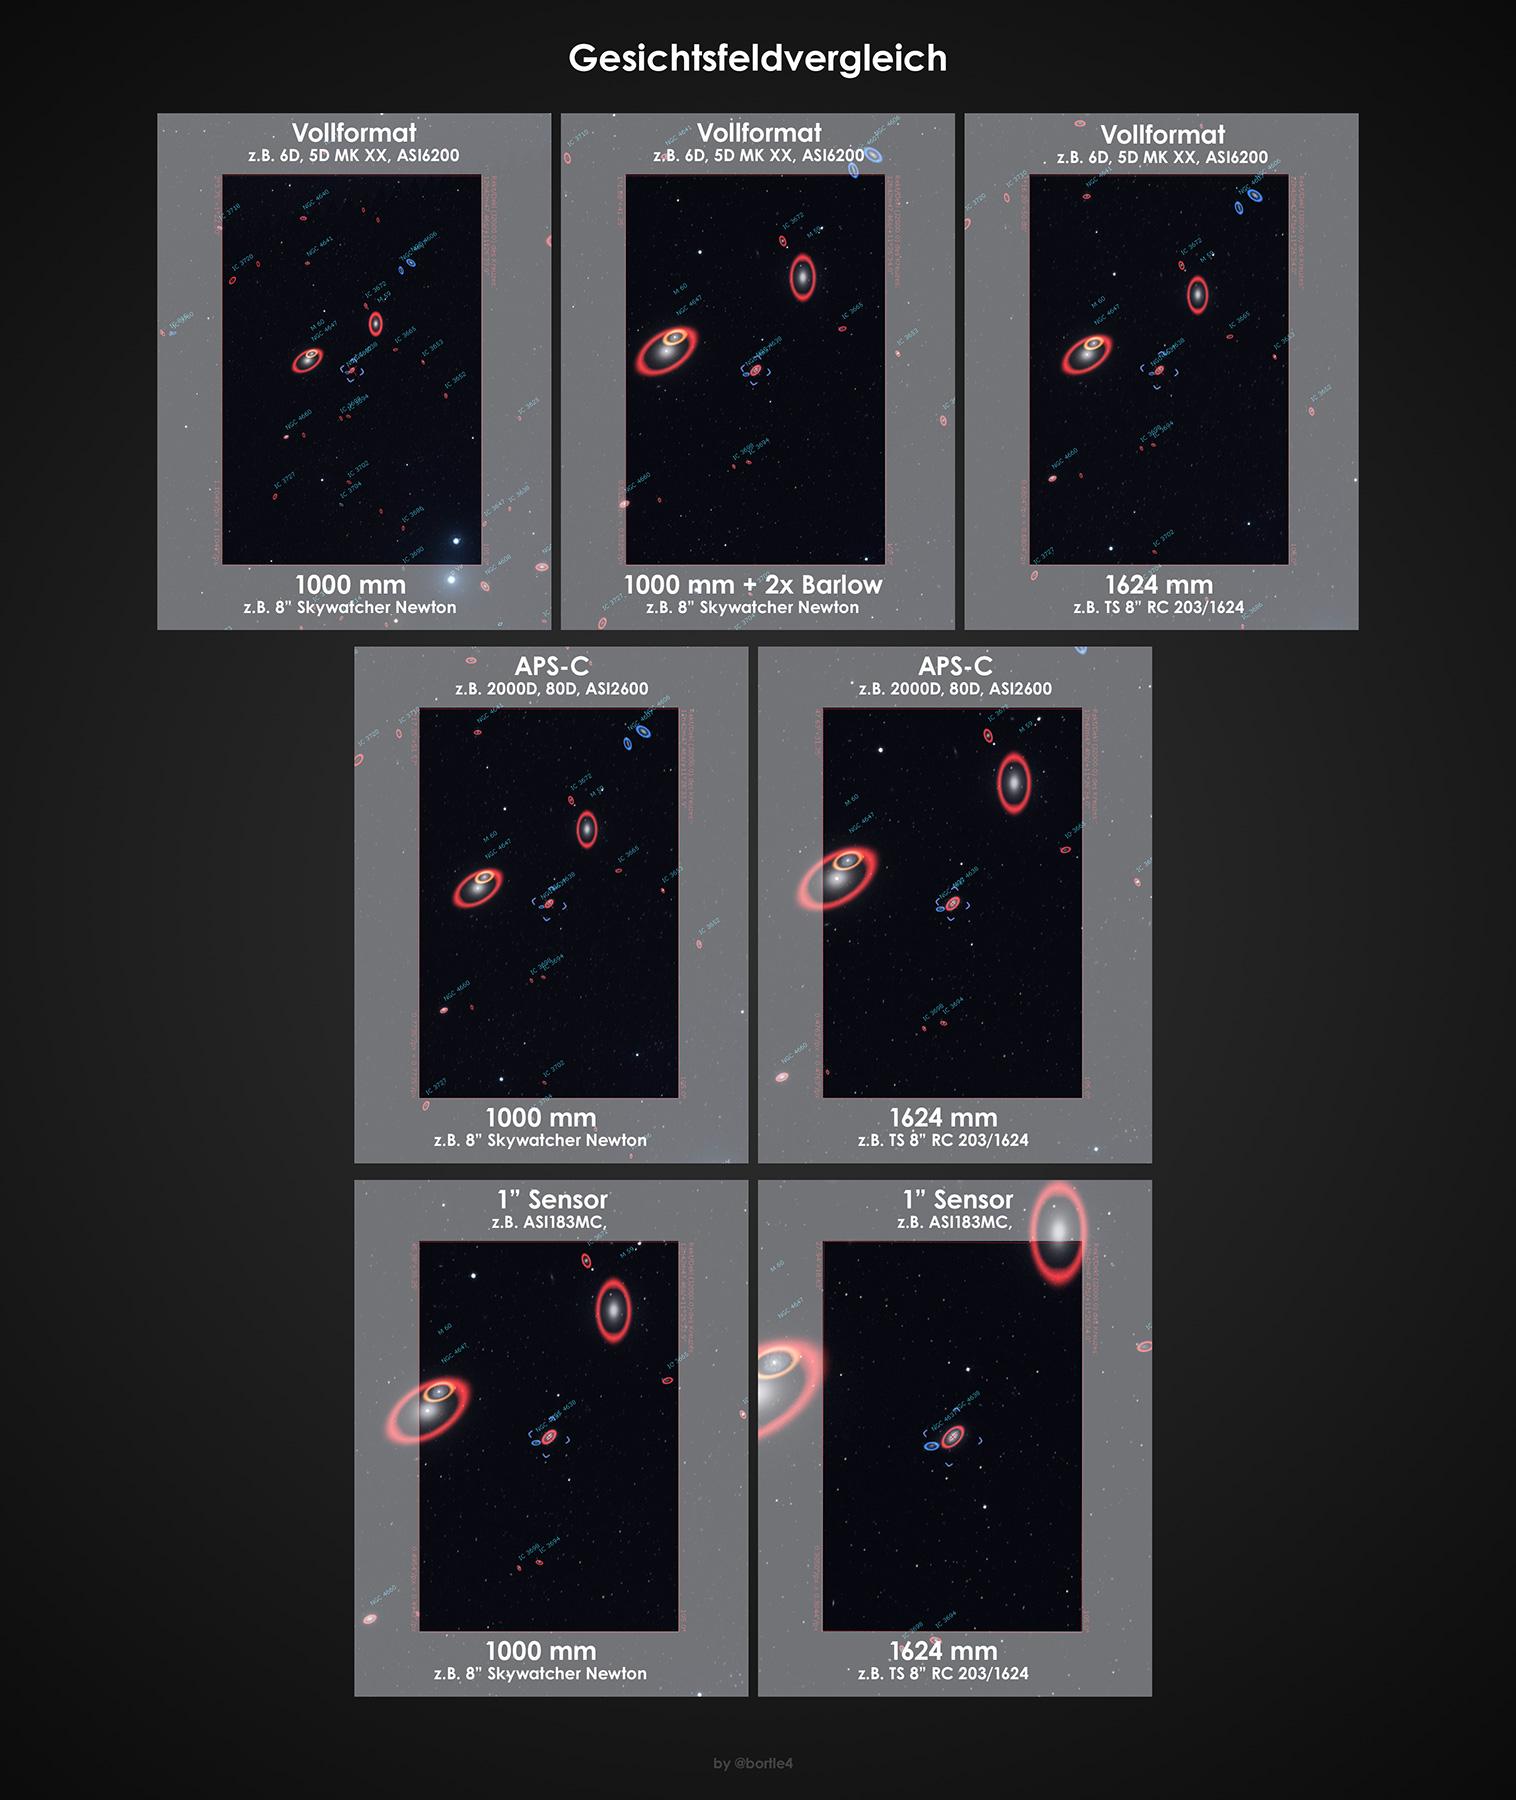 gesichtsfelder-vergleich_newton-rc_div-kameras.jpg